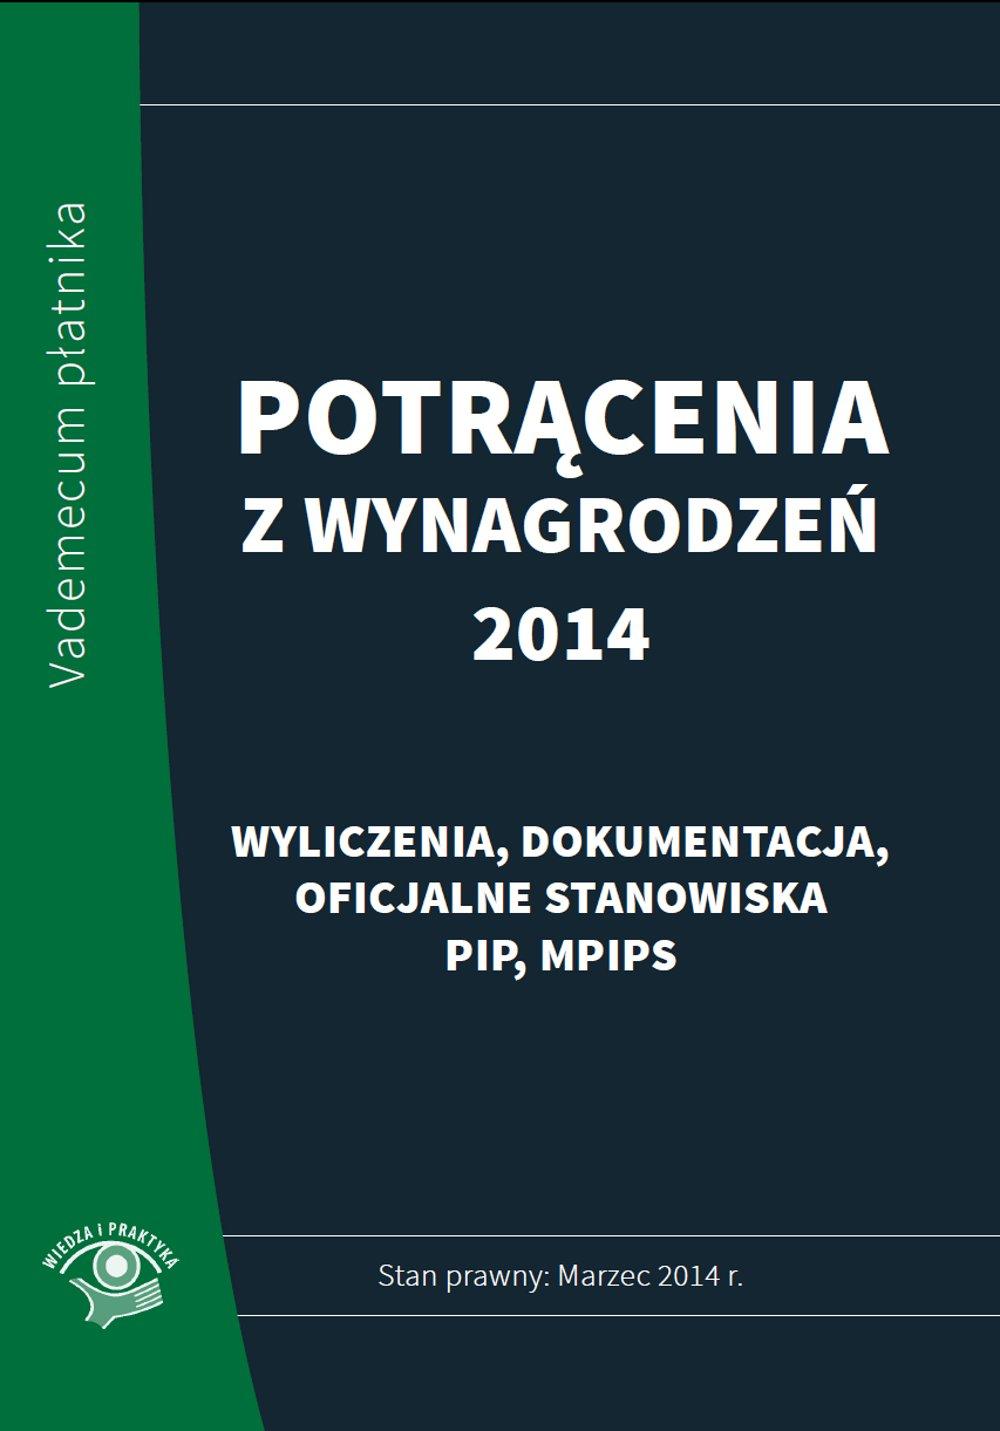 Potrącenia z wynagrodzeń 2014 - praktyczny komentarz - stan prawny: marzec 2014 - Ebook (Książka PDF) do pobrania w formacie PDF